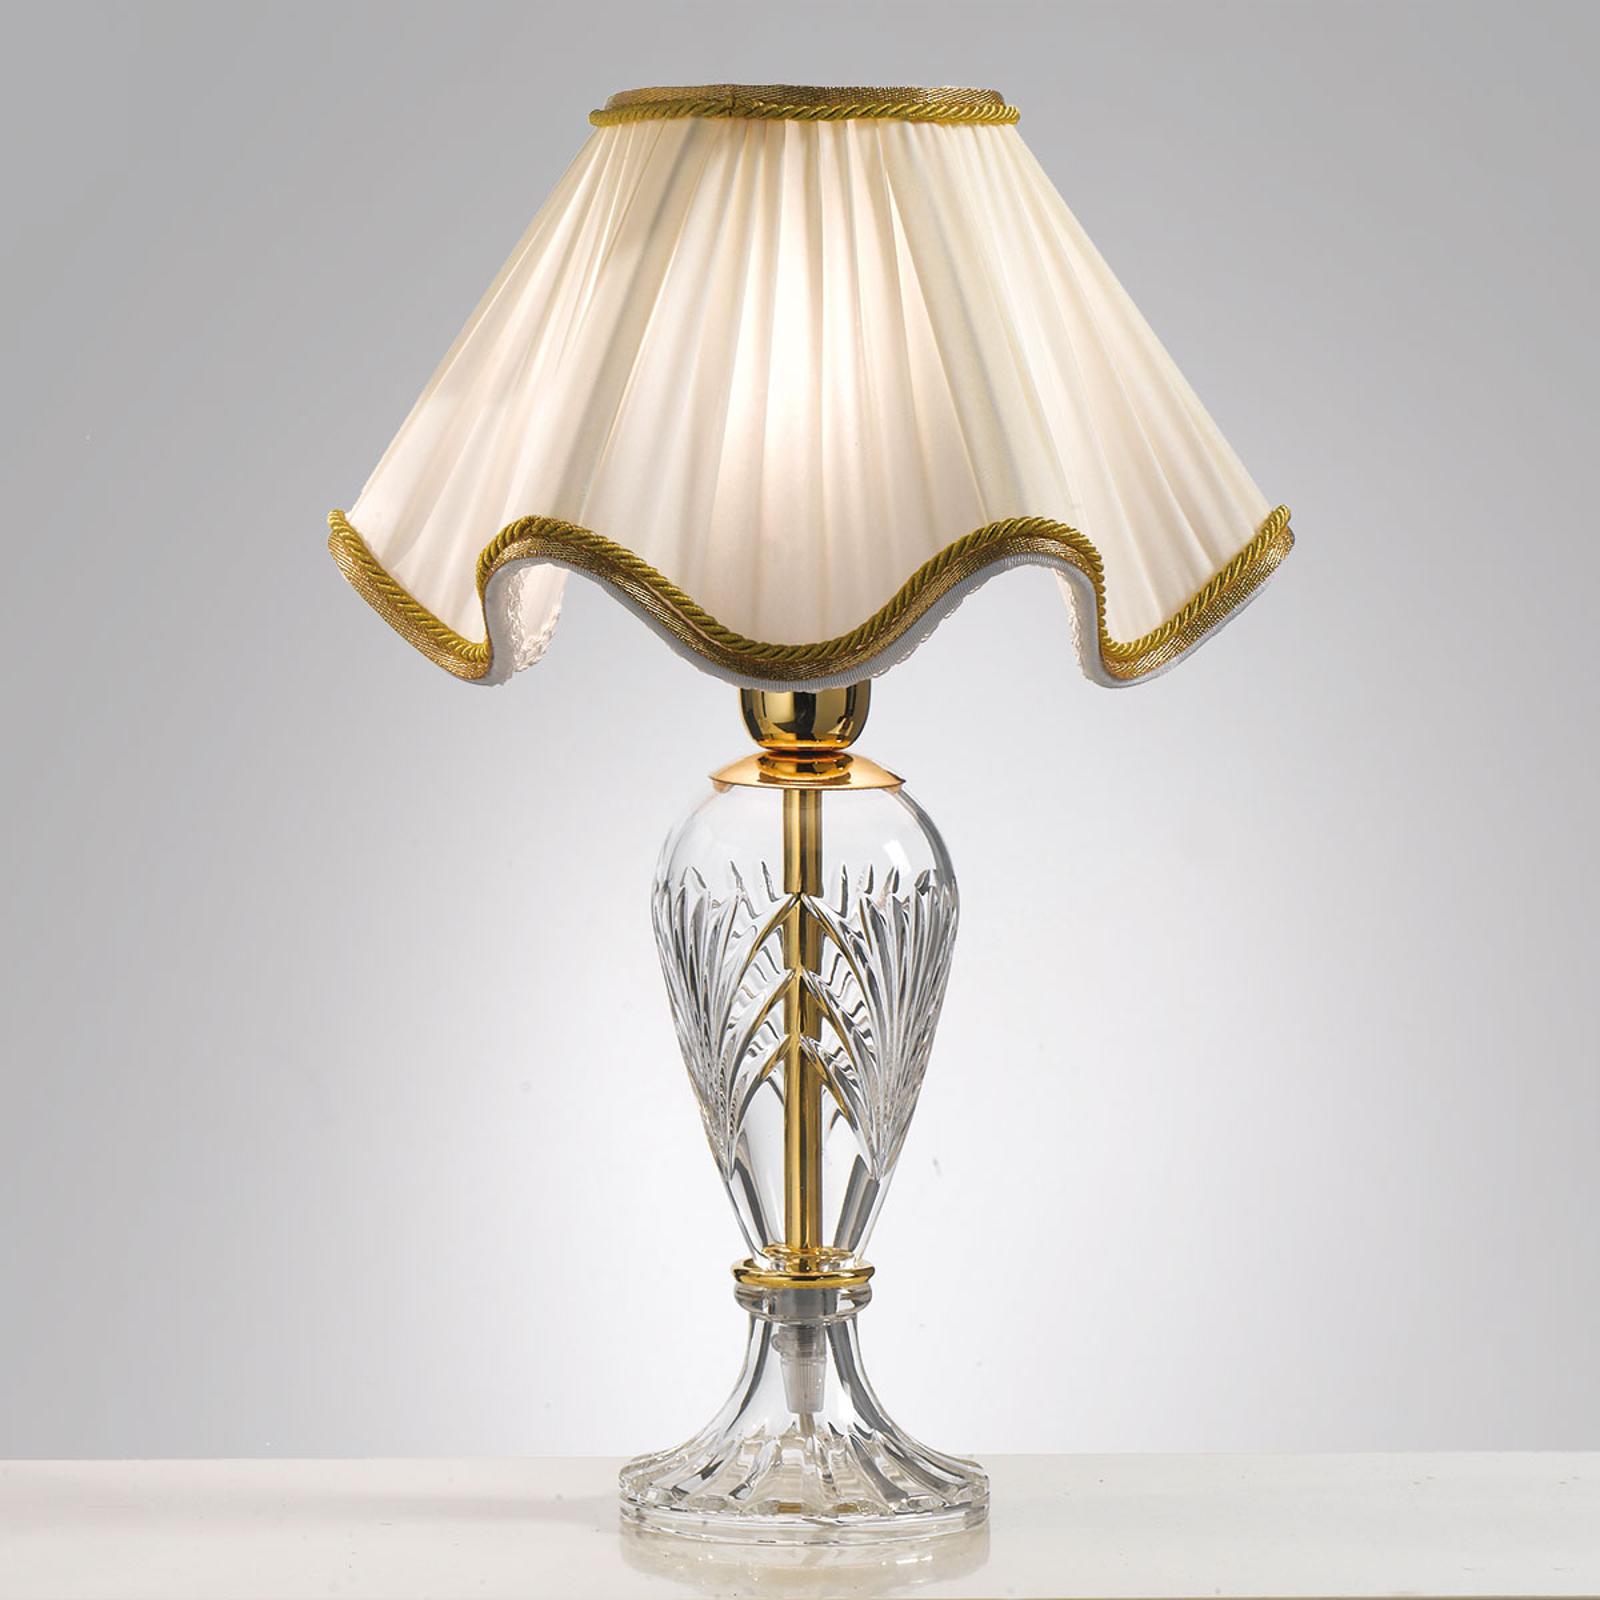 Vakker Belle Epoque bordlampe på 48 cm